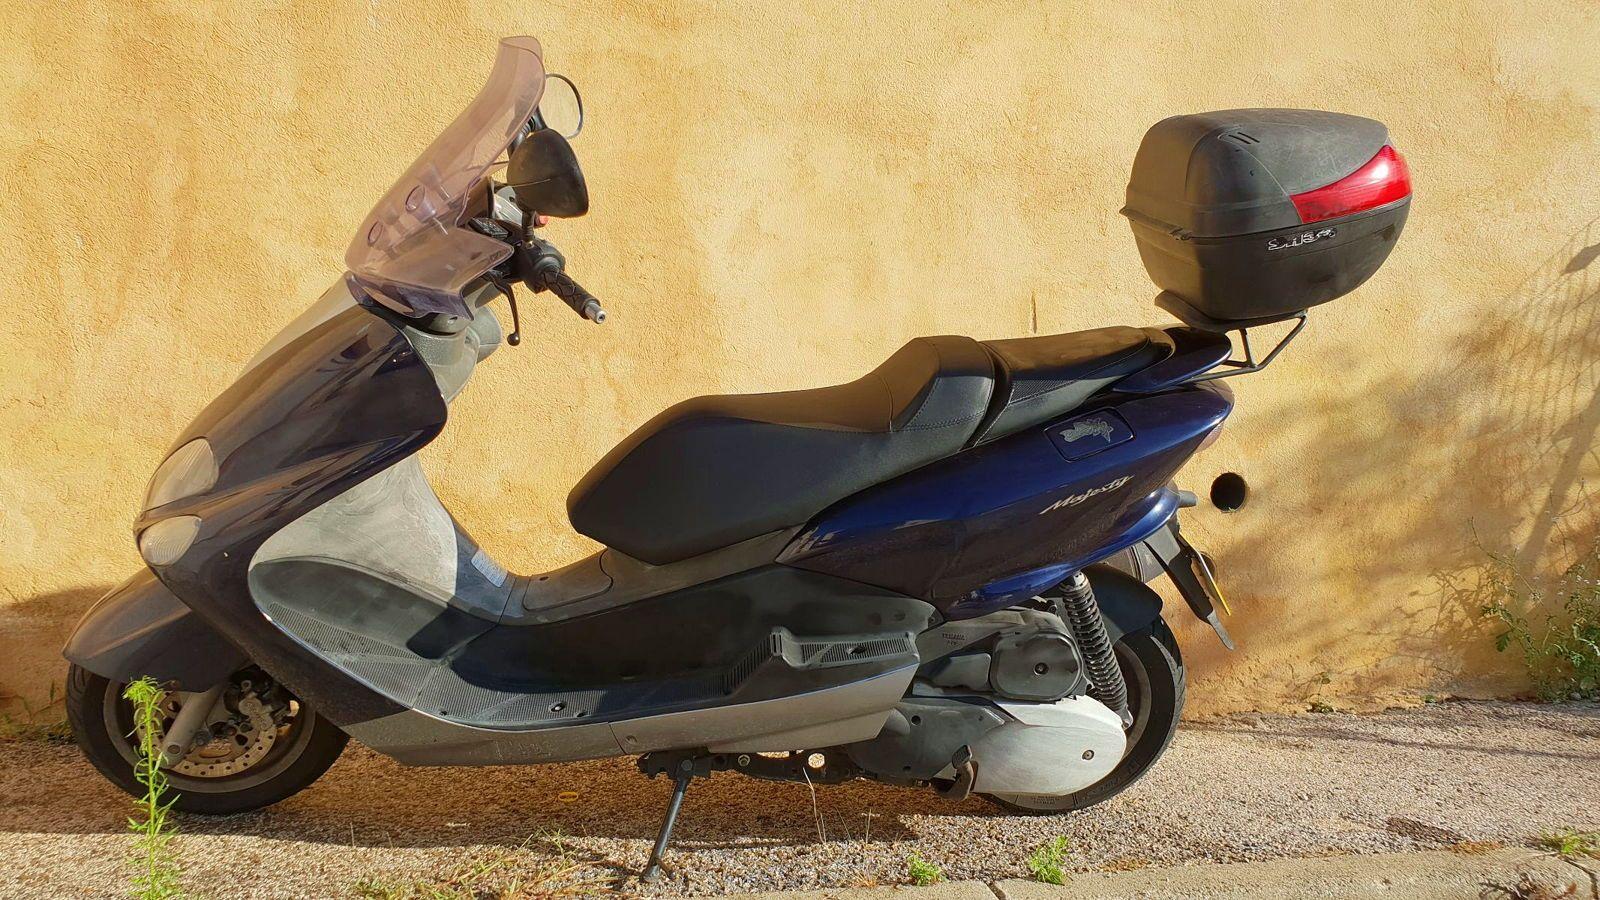 Vends Scooter Majesty 125skylinner, 20062ème main.14000kms